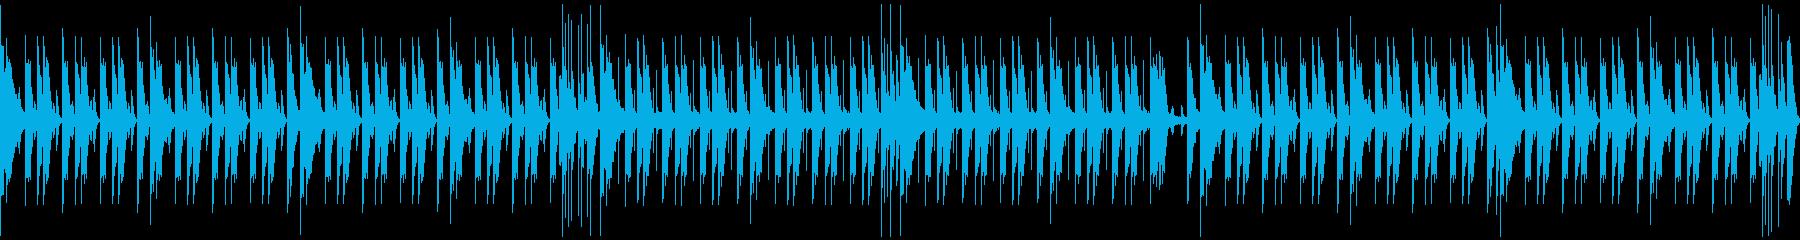 クールでかっこいいロックドラムの再生済みの波形